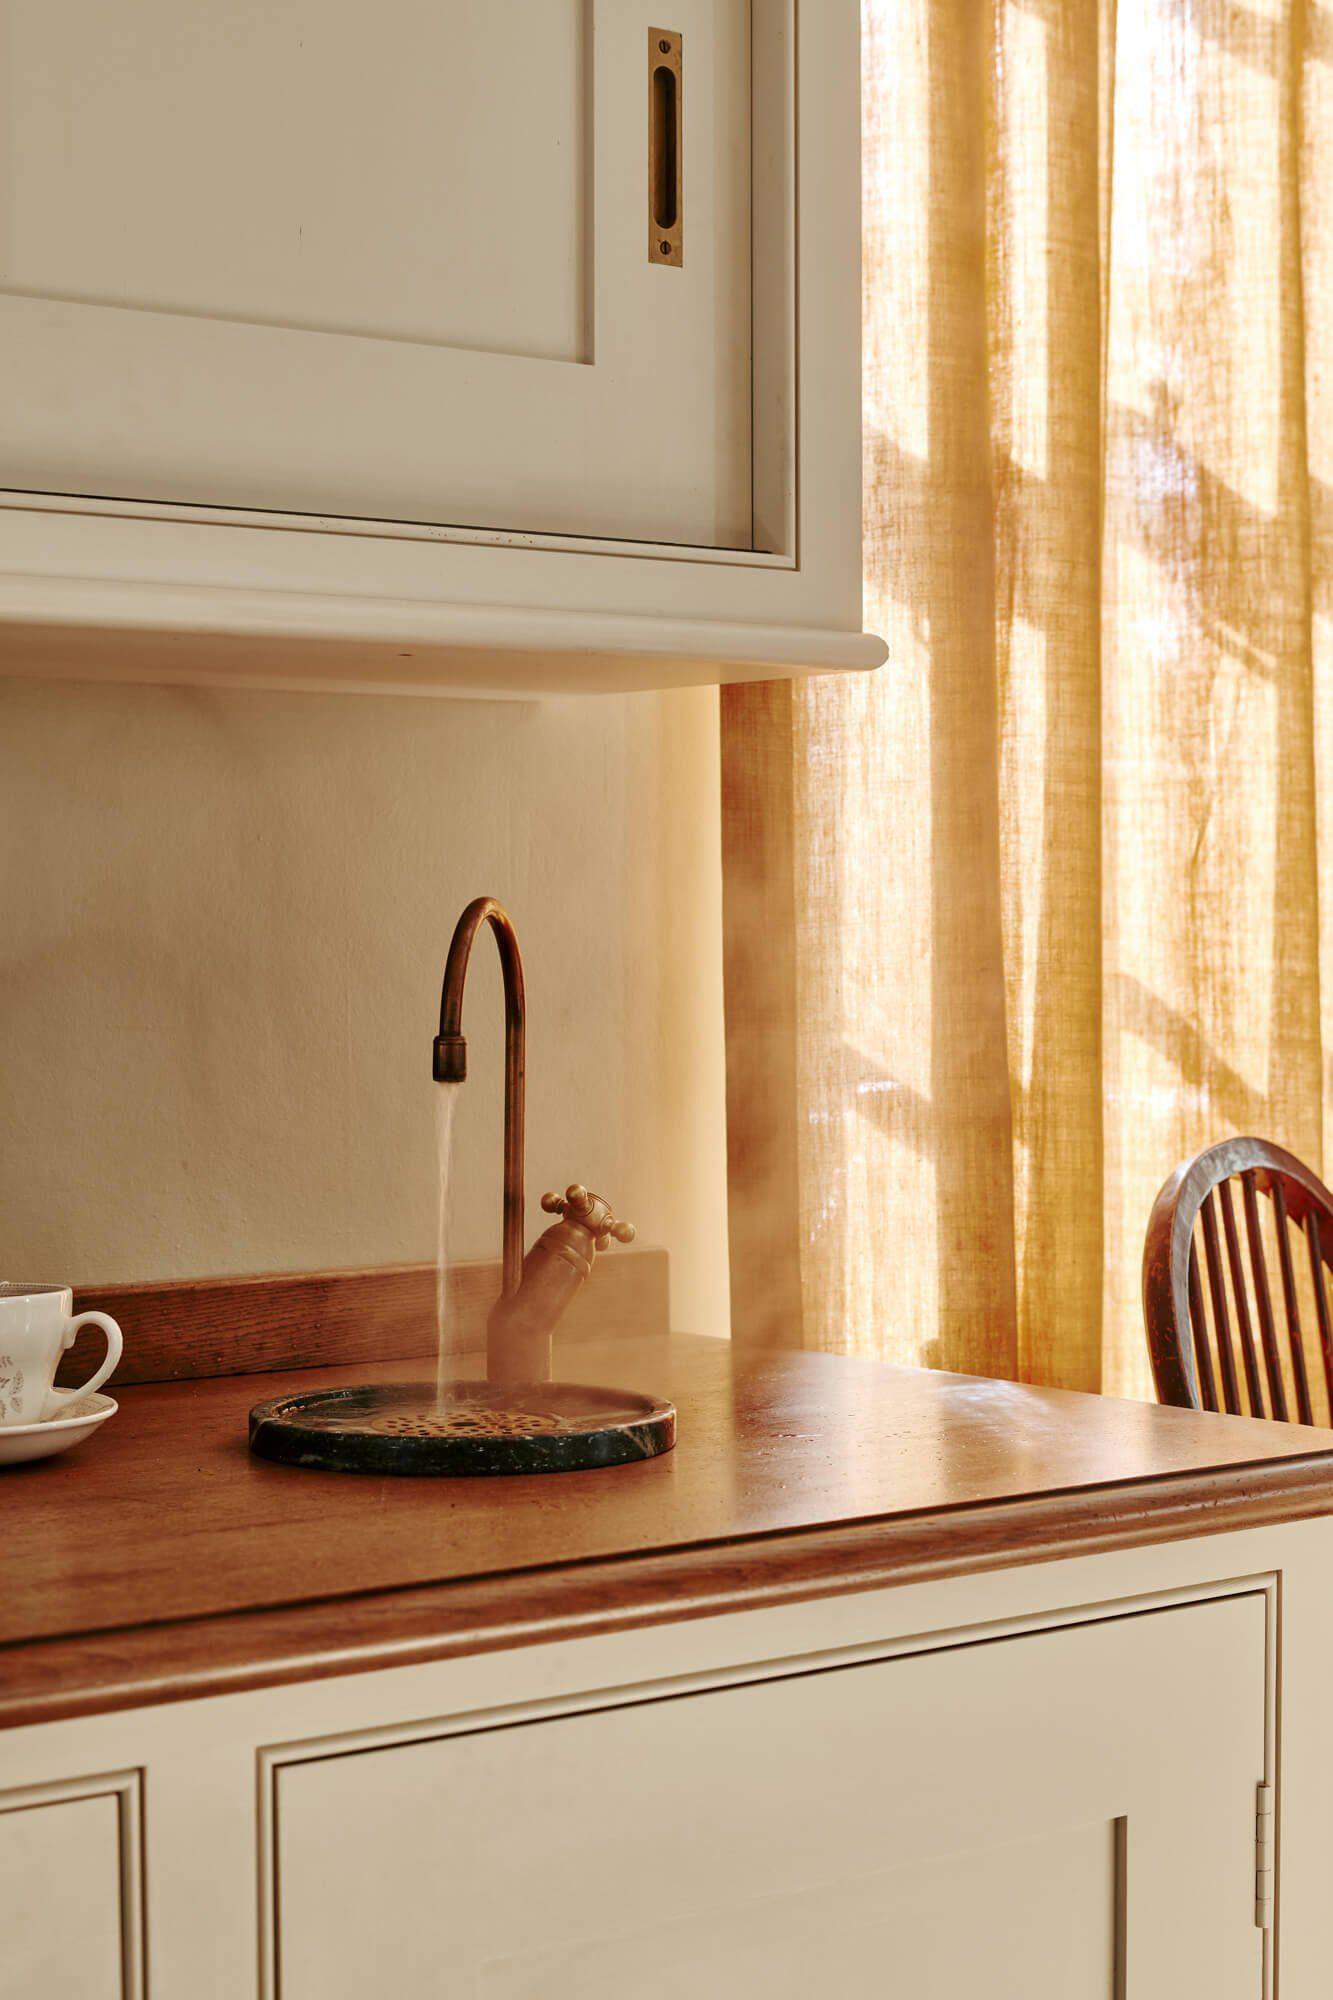 Quooker tap in oak worktop